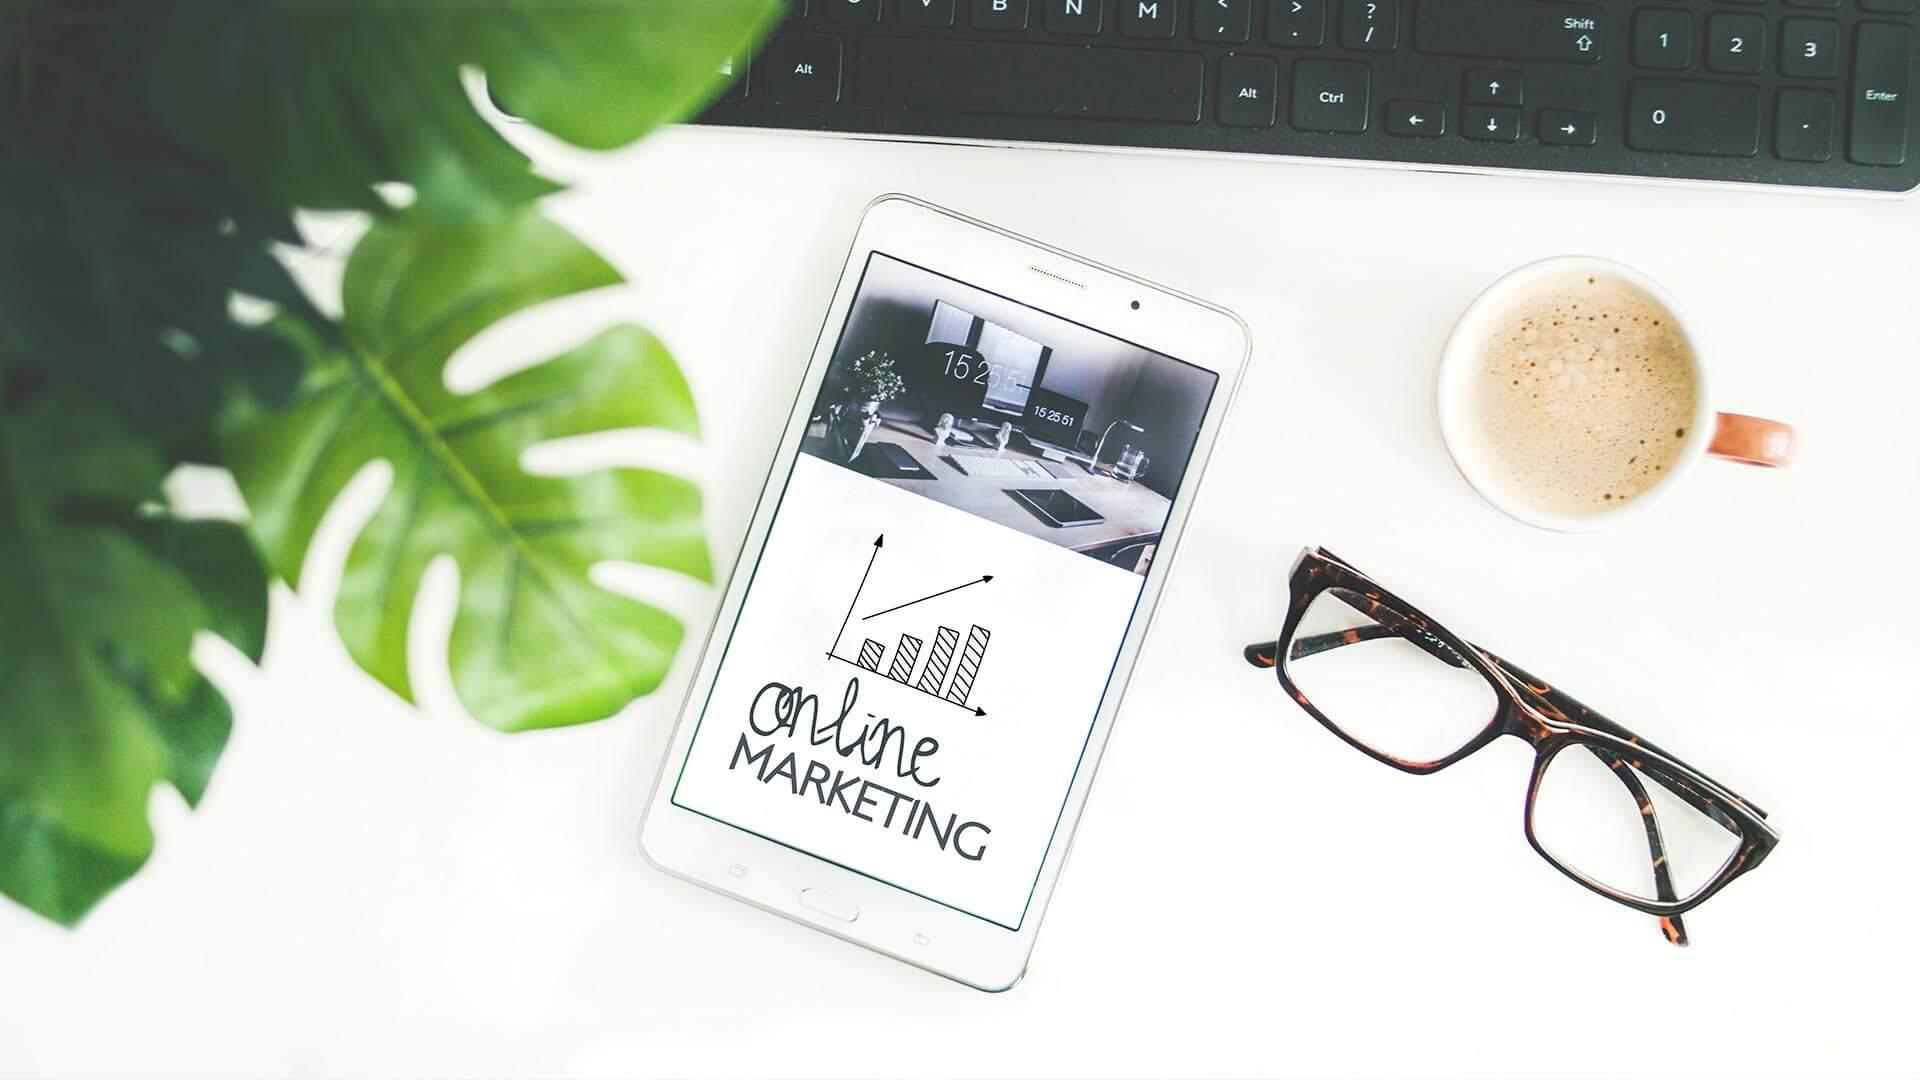 como indroduzir o marketing digital no seu negocio